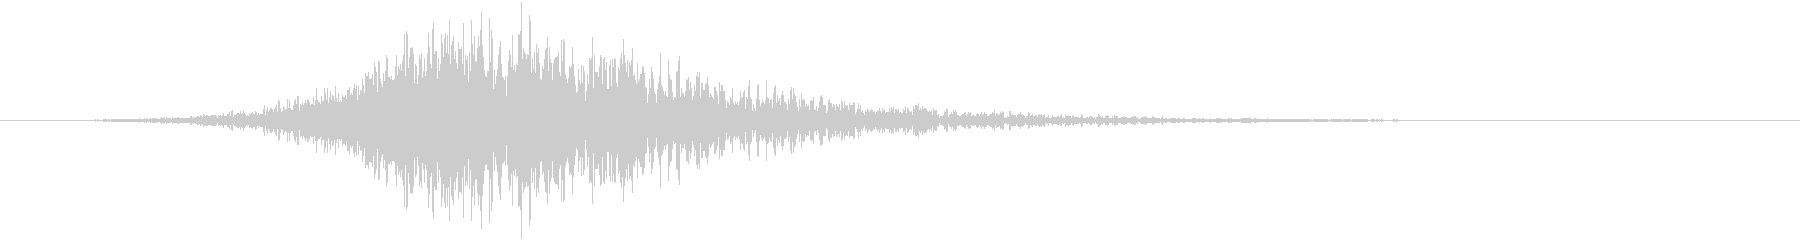 【ロゴ】SFチックなロゴデザインにの未再生の波形